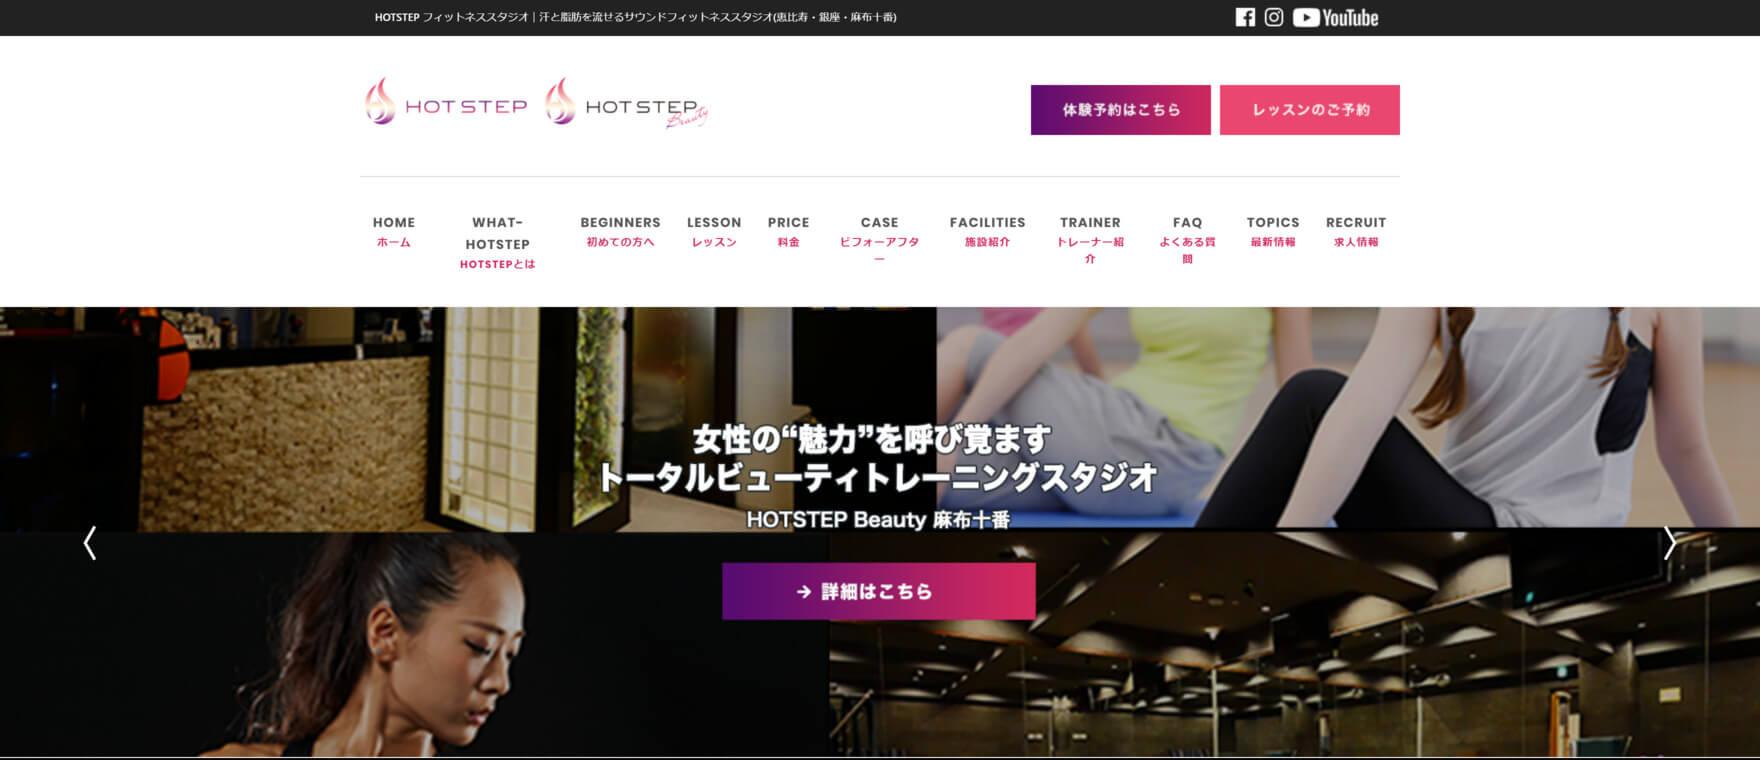 HOT STEP恵比寿店のイメージ画像